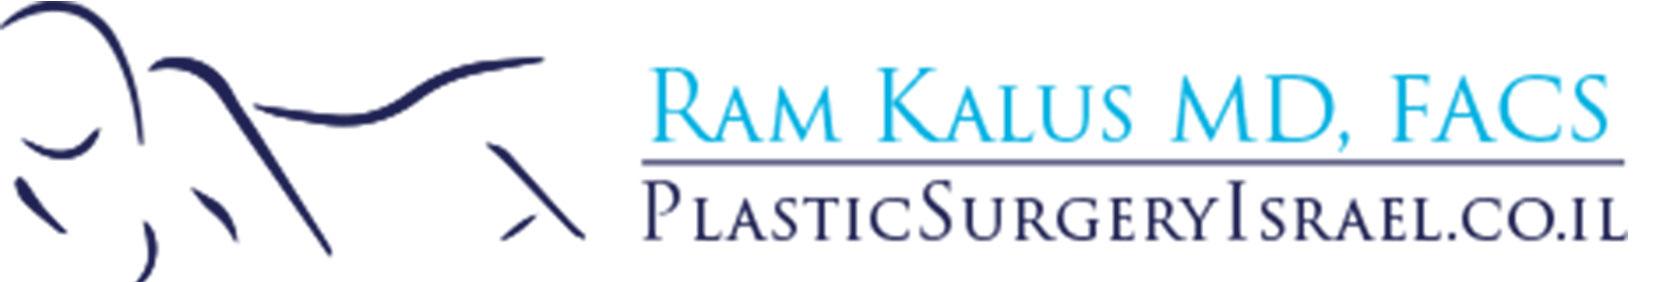 Ram Klaus MD, FACS